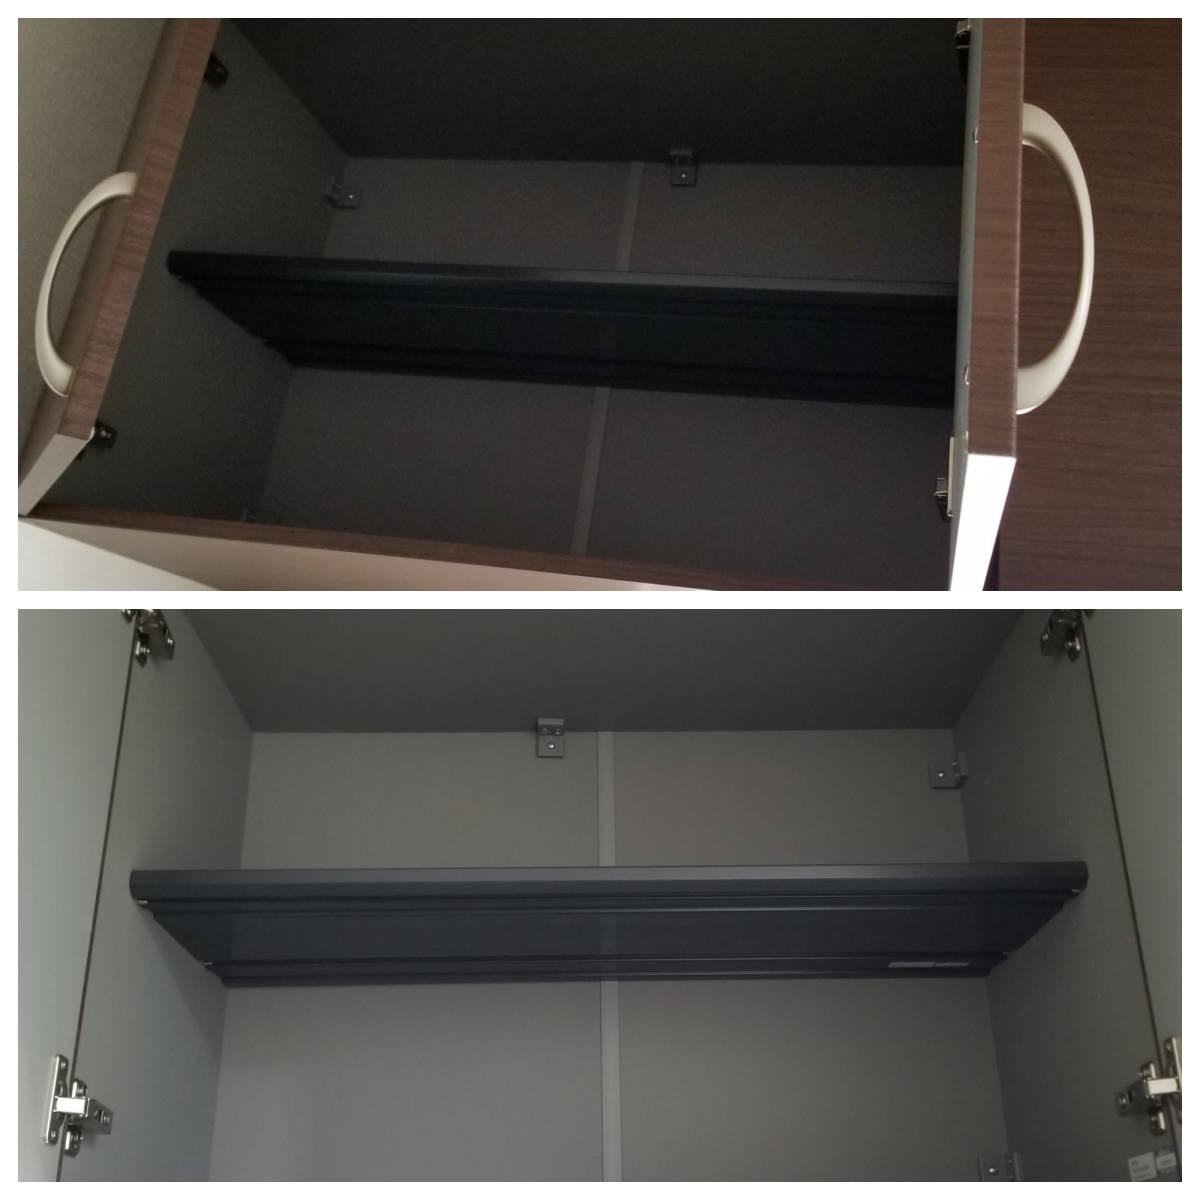 リフォーム訳あり 未使用シューズボックス 大建玄関収納 ブラウン木目 おしゃれ 設置後取り外し品 大容量_掃除しやすい 棚板はプラスチック製です。